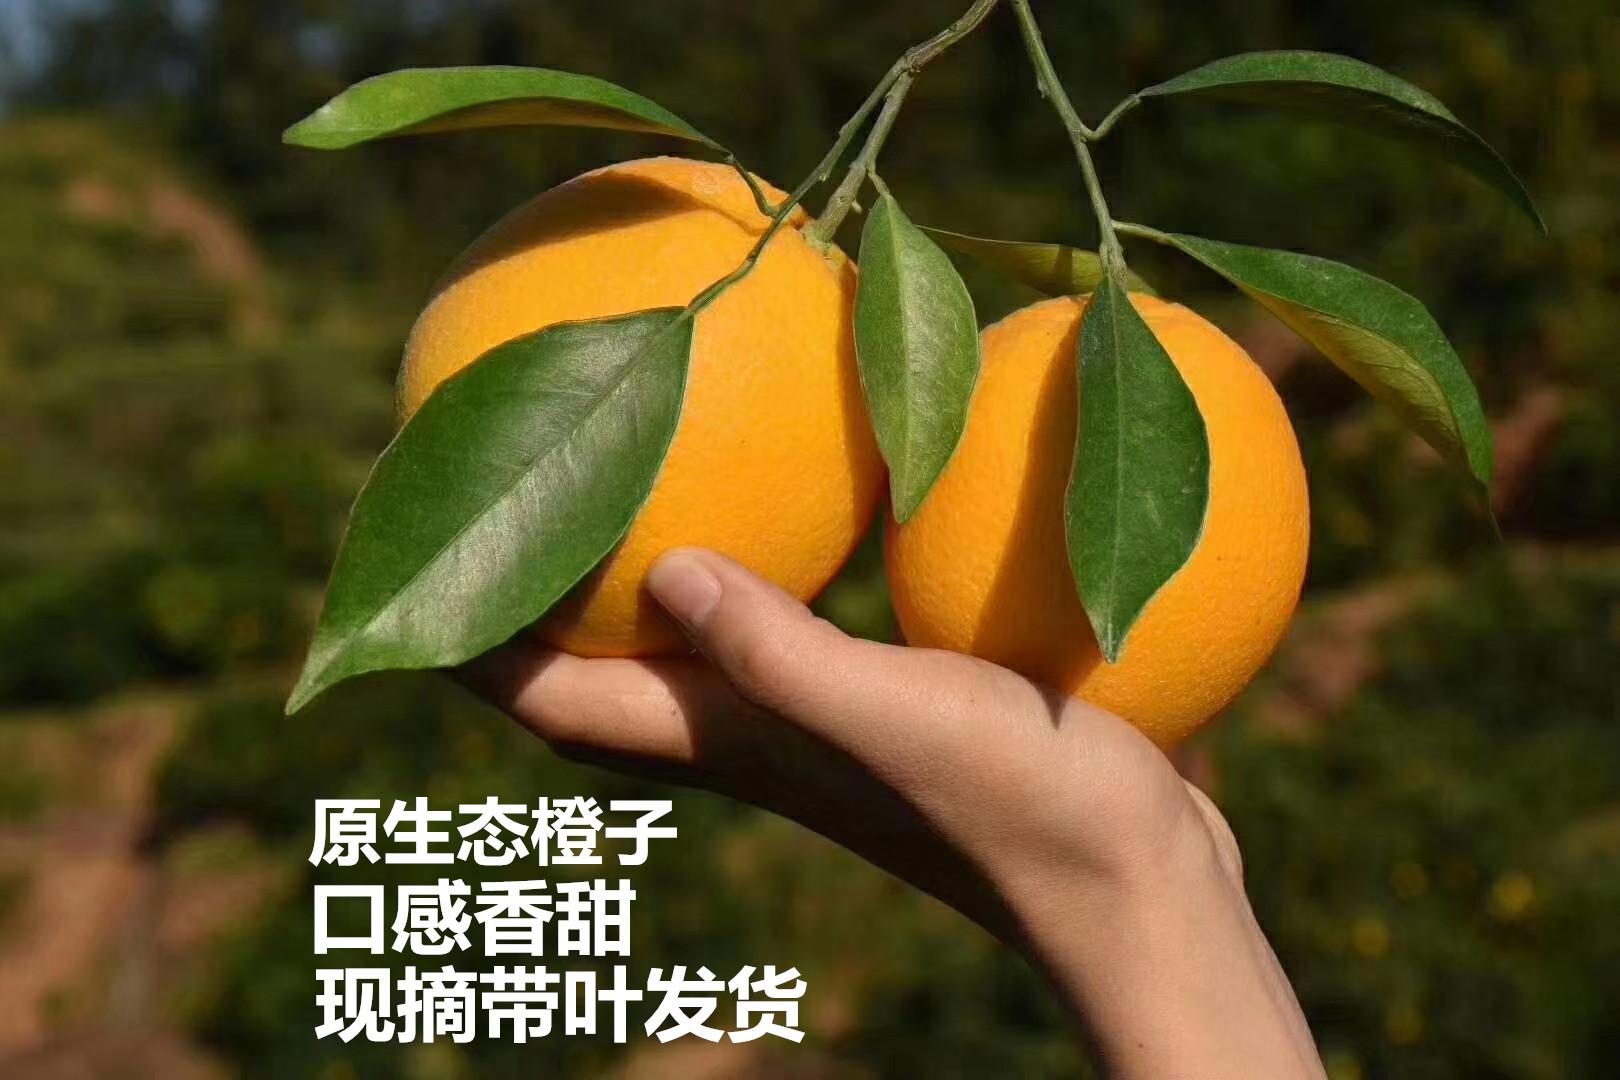 新鲜现摘甜橙子5斤湖北宜昌秭归夏橙非伦晚脐橙手剥手掰橙子春橙